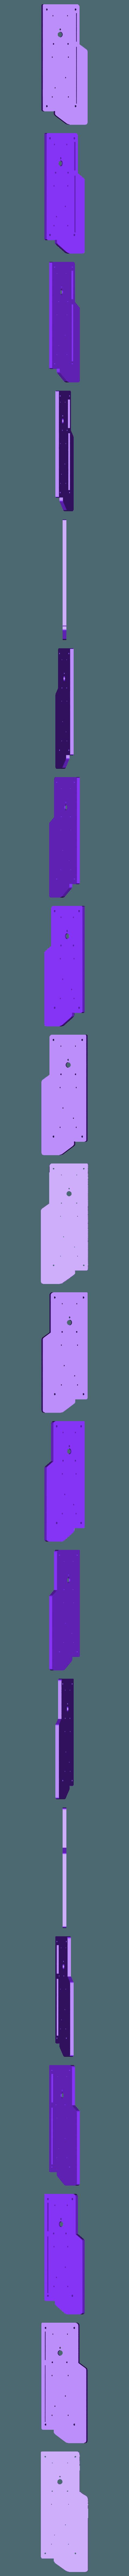 side_RT_panel_GB1_v2.stl Télécharger fichier STL gratuit Ghostbuster Ghostbuster Ghosttrap • Modèle pour impression 3D, SLIDES